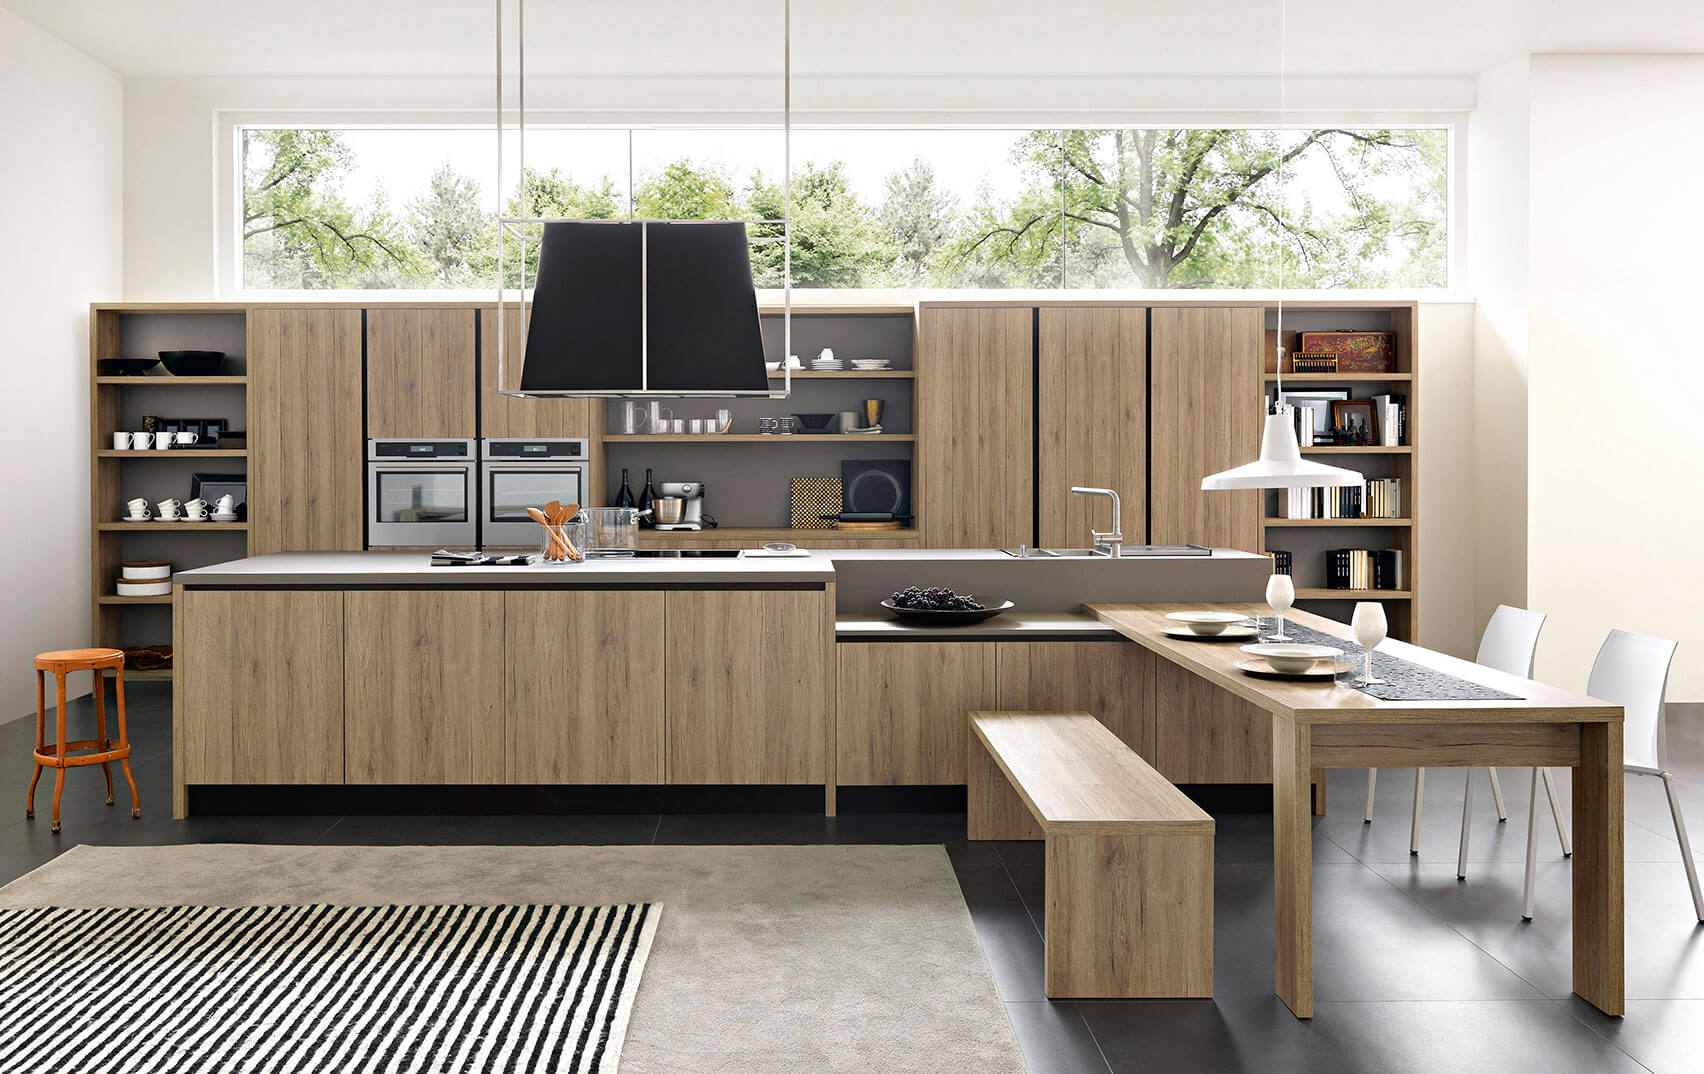 Decoracion de cocinas modernas en zaragoza blunni for Cocinas integrales modernas